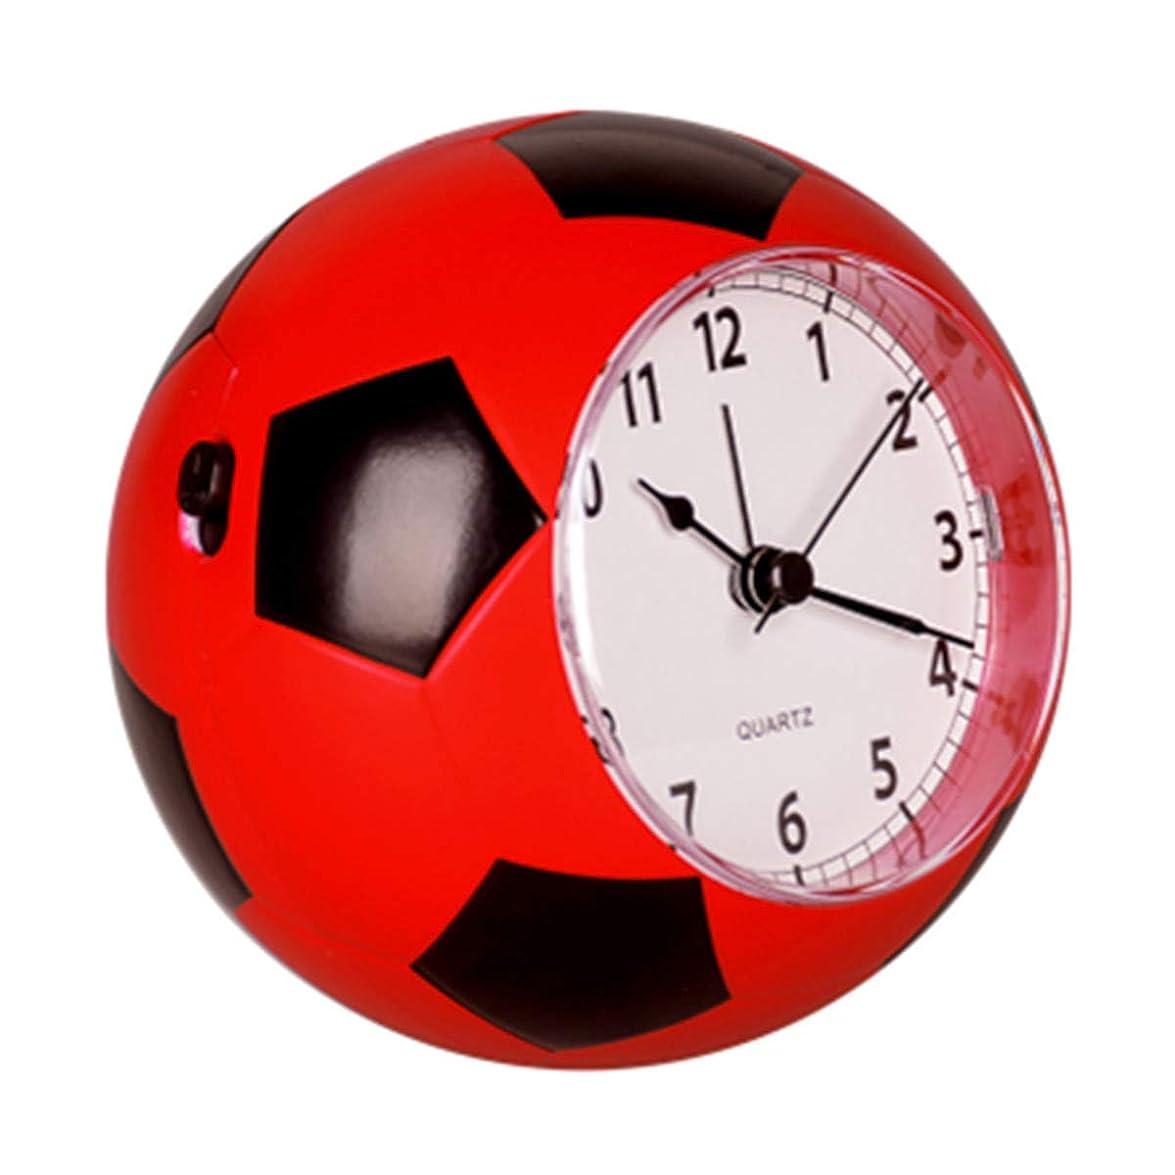 エーカー効果的自体Infabe スポーツ ボール デザイン 目覚まし 時計 アナログ 静音 カラフル インテリア クロック (サッカー)